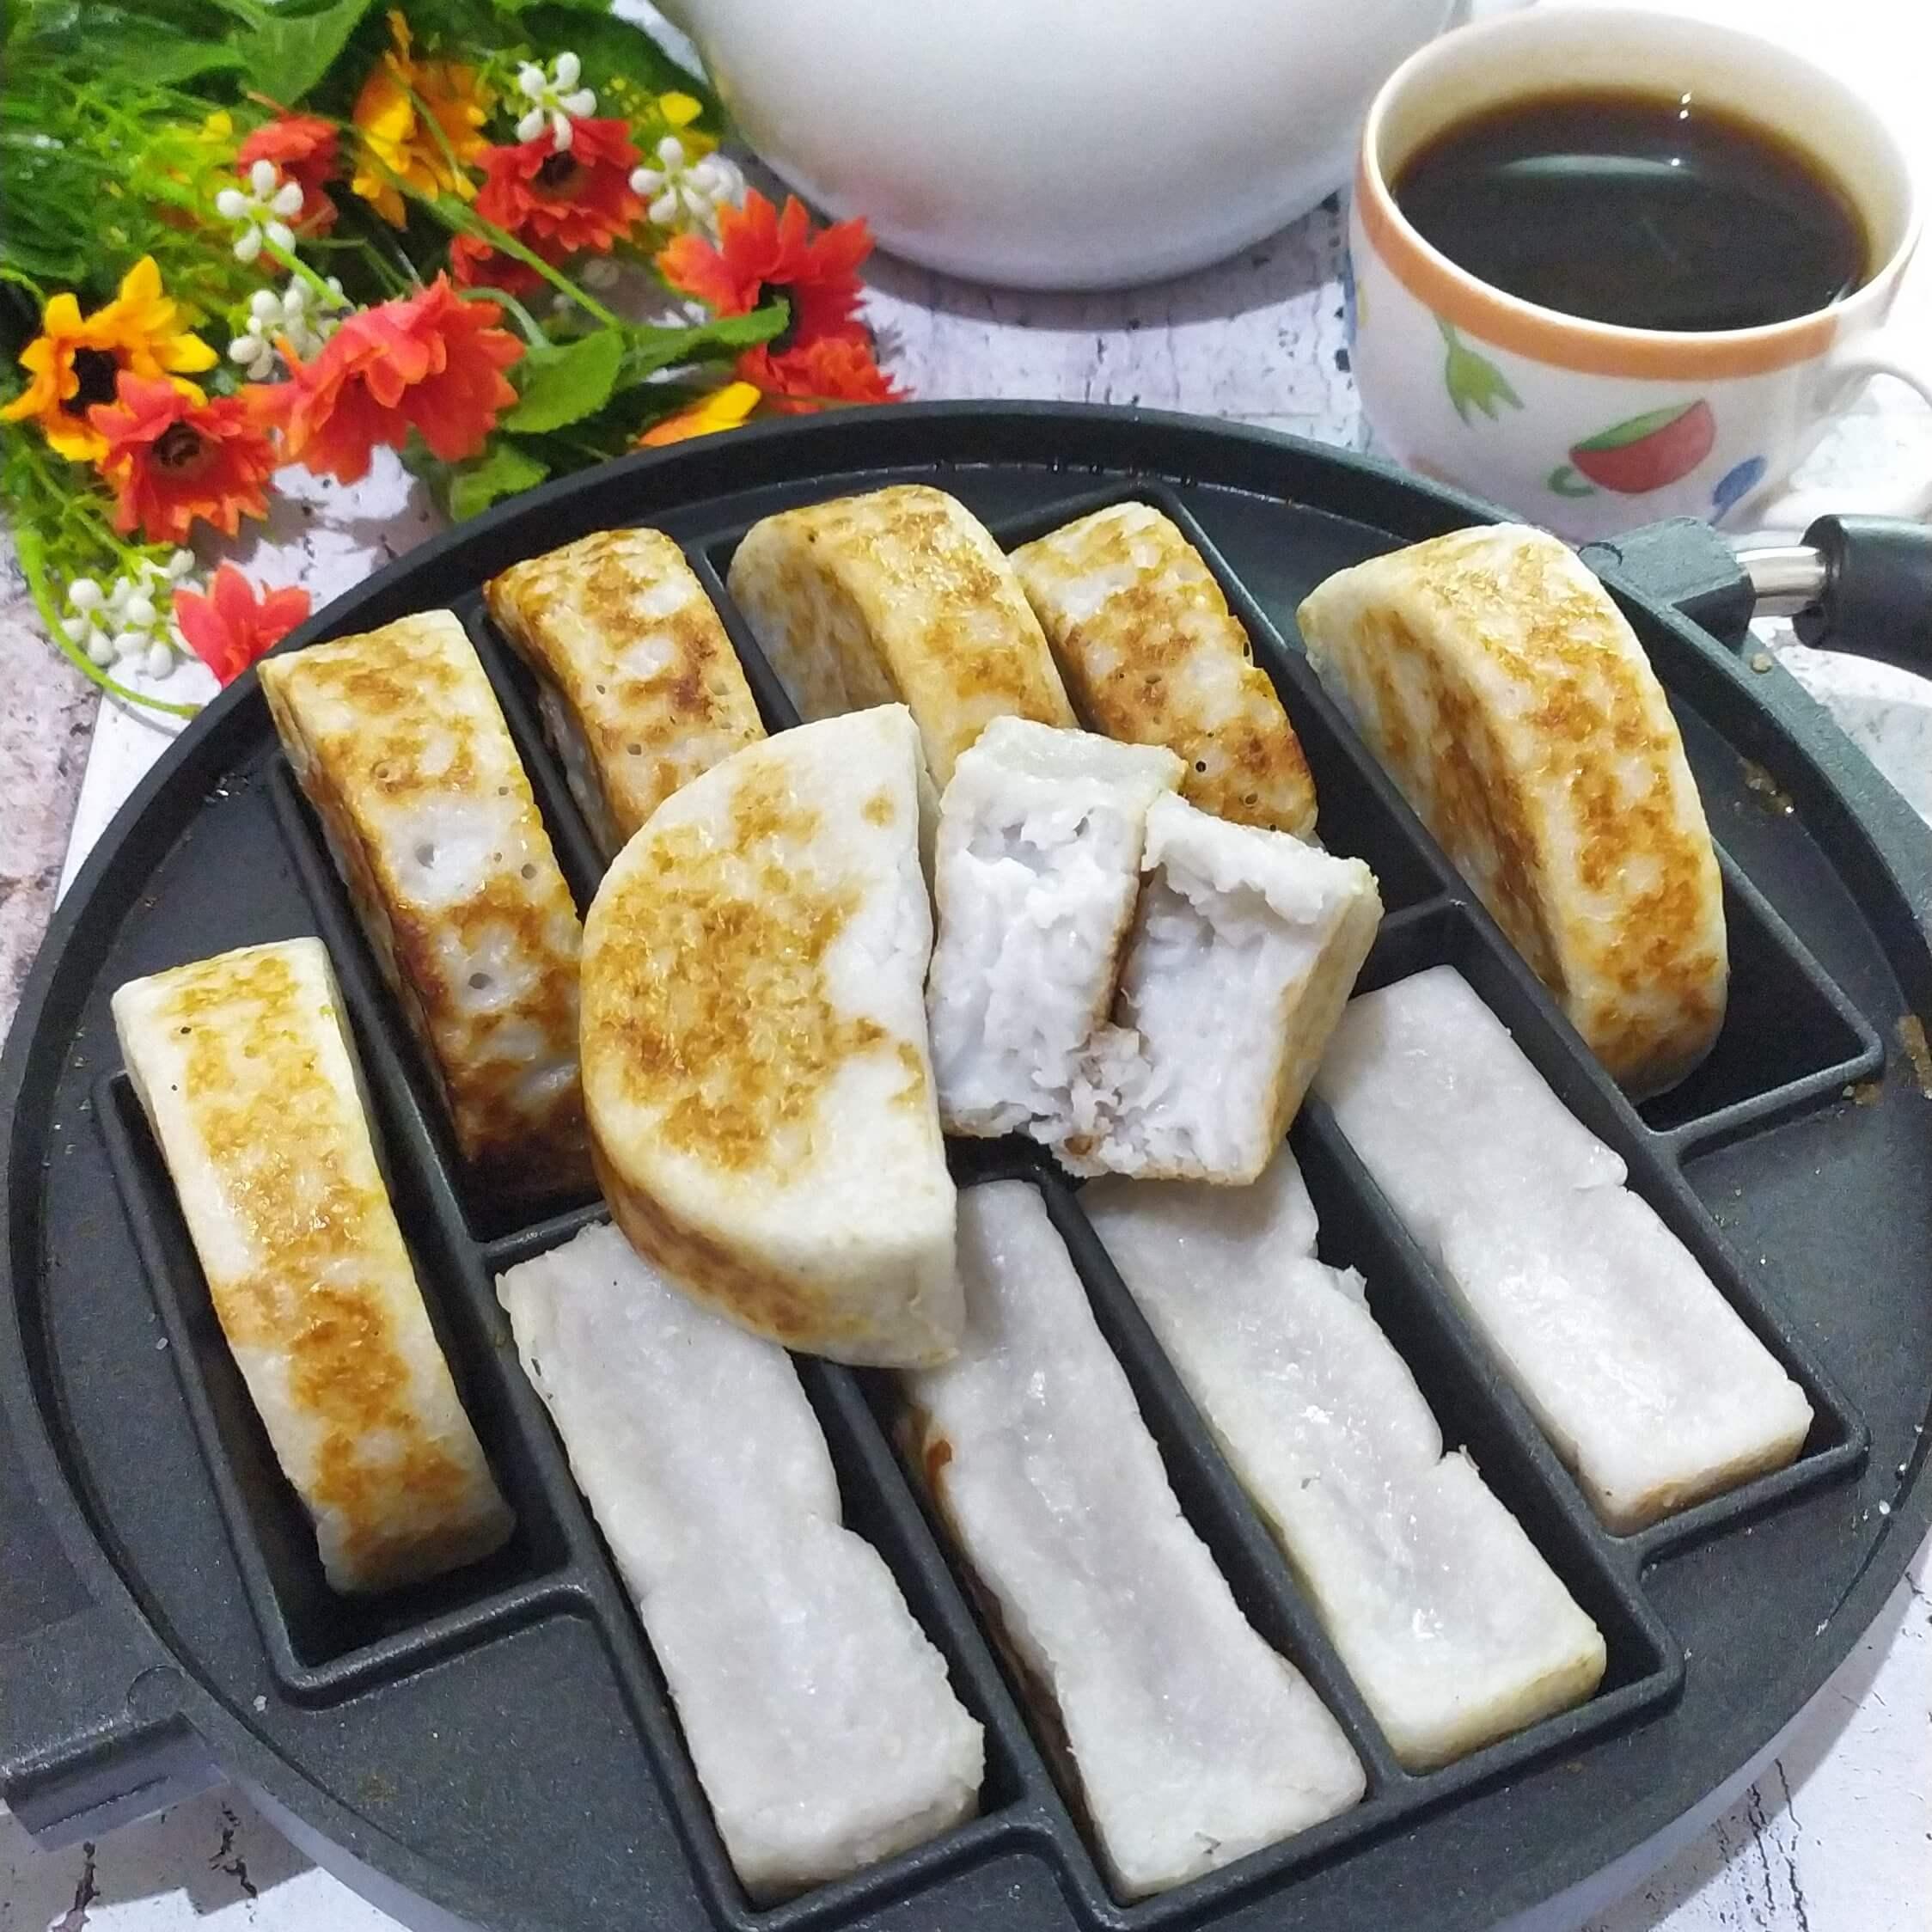 Resep kue pancong lumer dan gurih, resep kue pancong kelapa